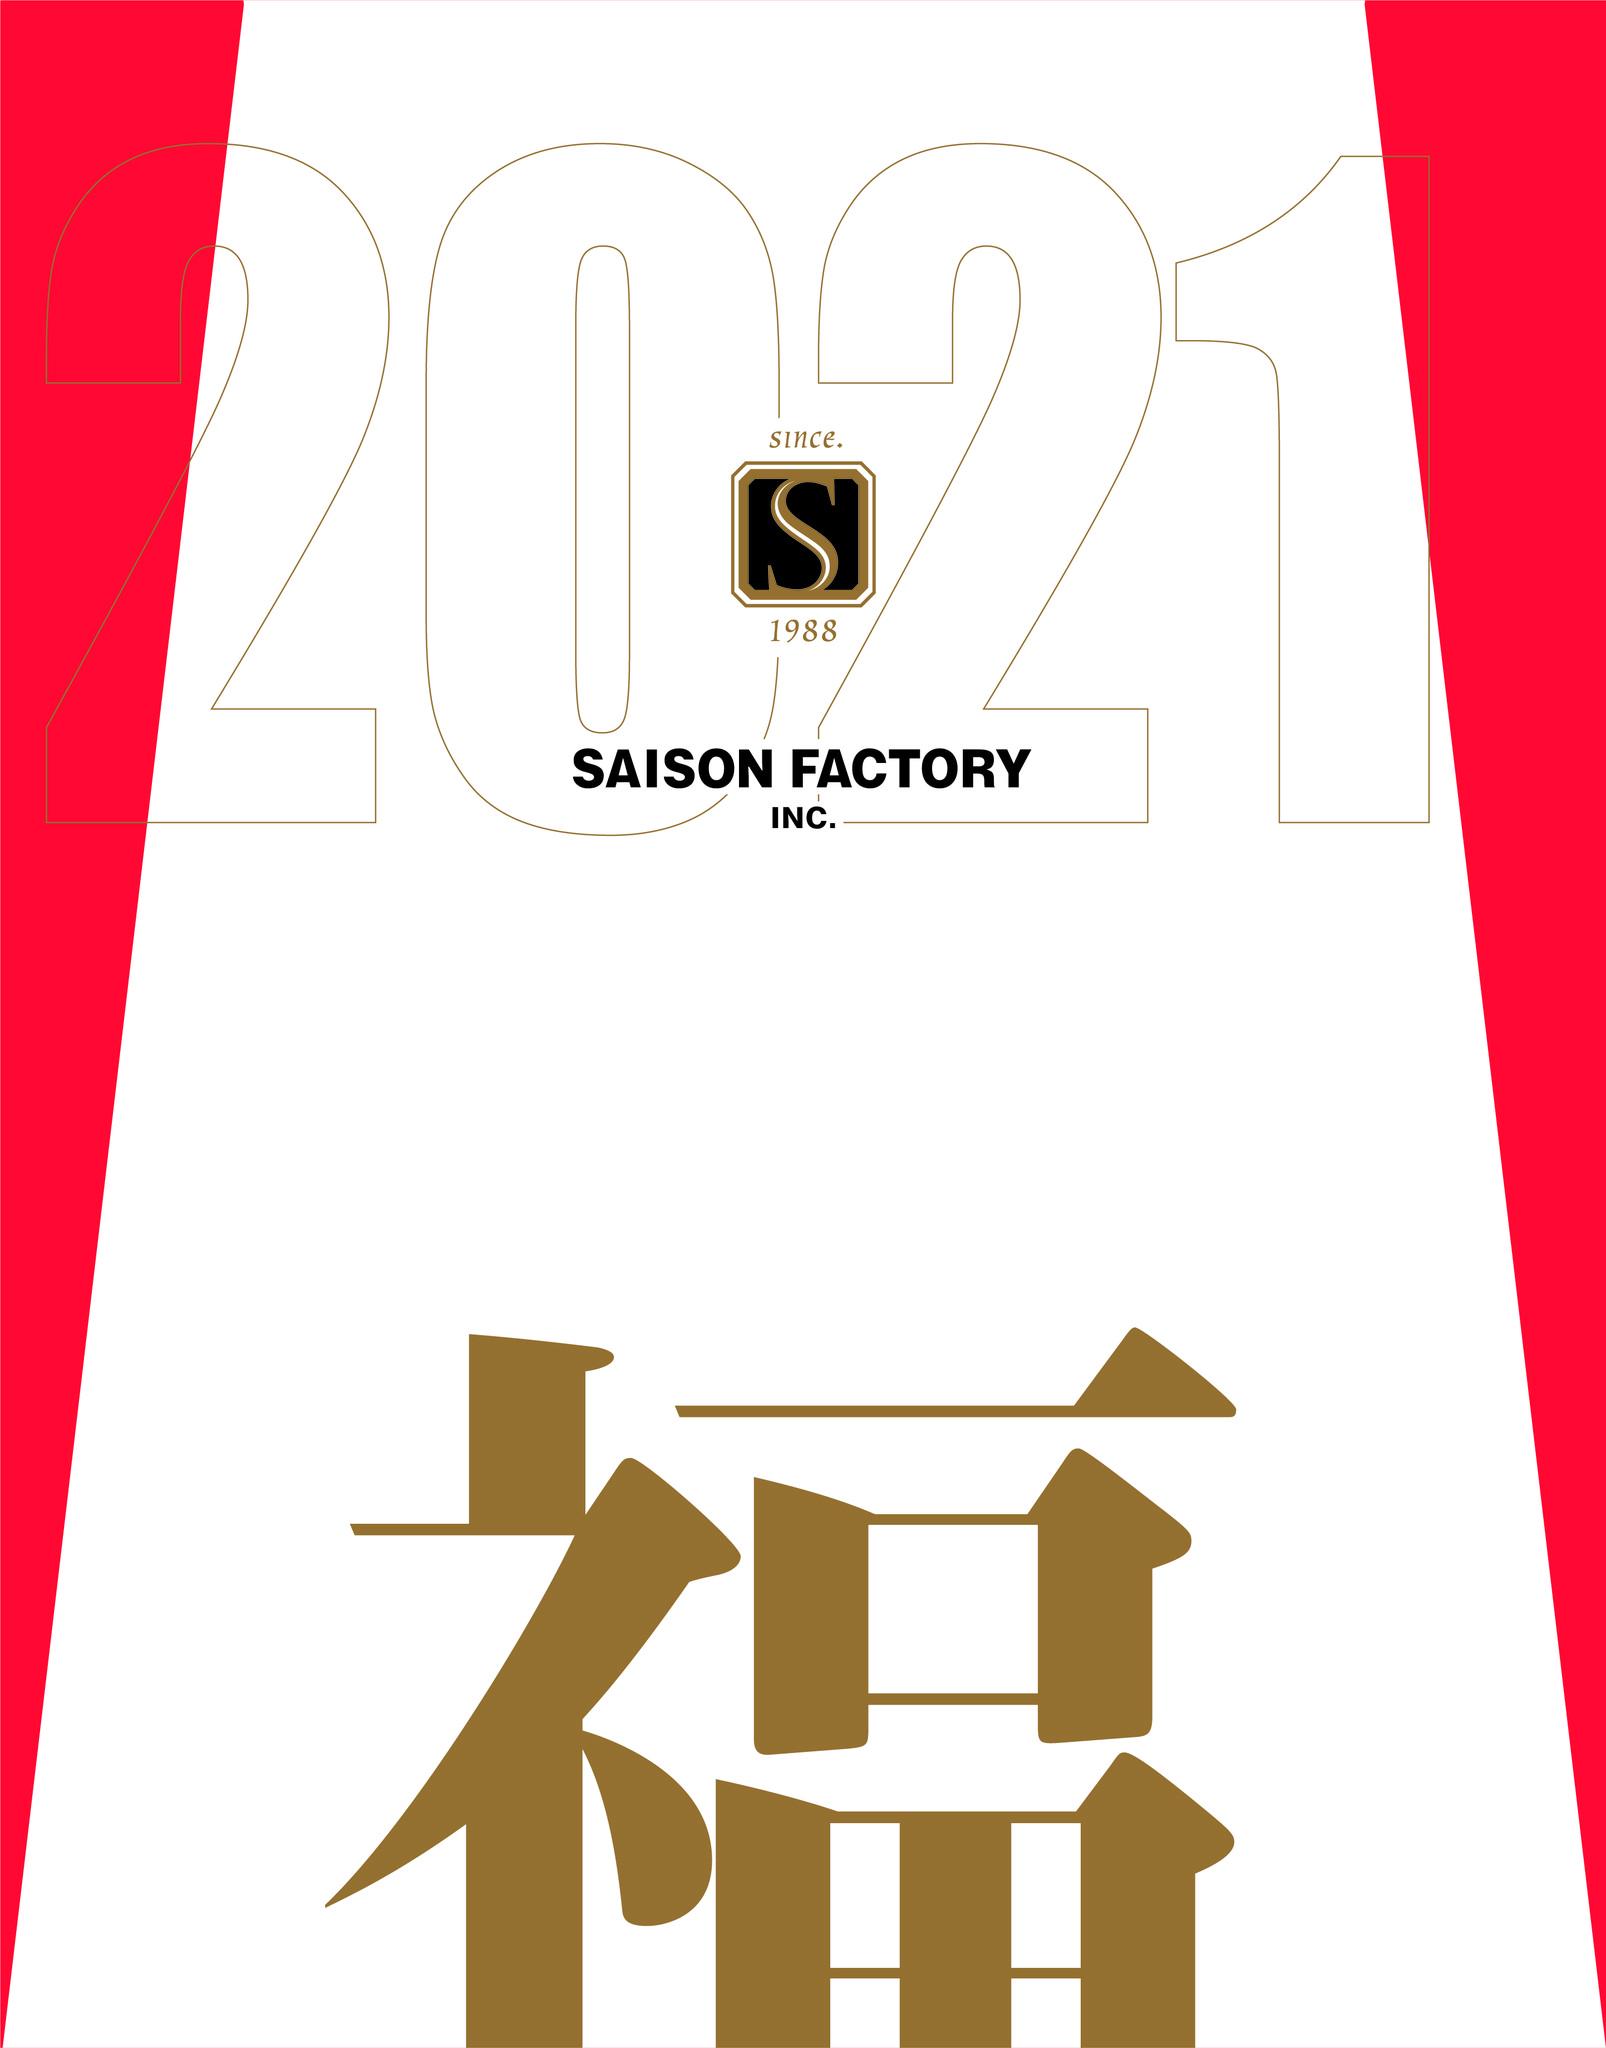 最大25点の商品を詰合せた「セゾンファクトリー2021年福袋」3種類 2020年11月11日(水)よりWEBショップ限定予約販売順次受付開始!